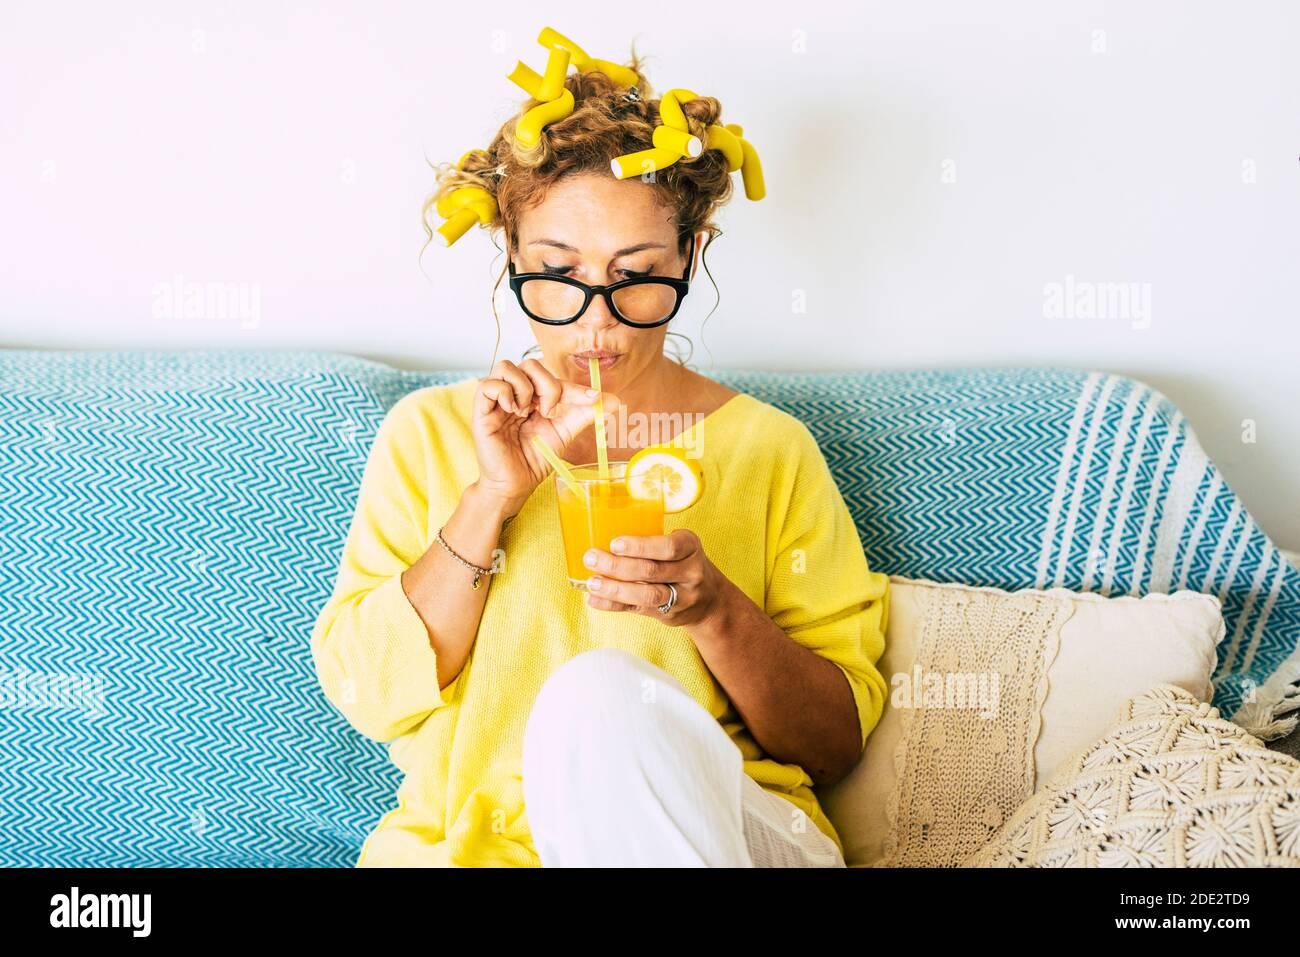 Gelbe Farben Porträt von schönen kaukasischen jungen erwachsenen Frau trinken Gesunder Orangensaft zu Hause mit Lockenwicklern und blauem Sofa Im Hintergrund - conce Stockfoto